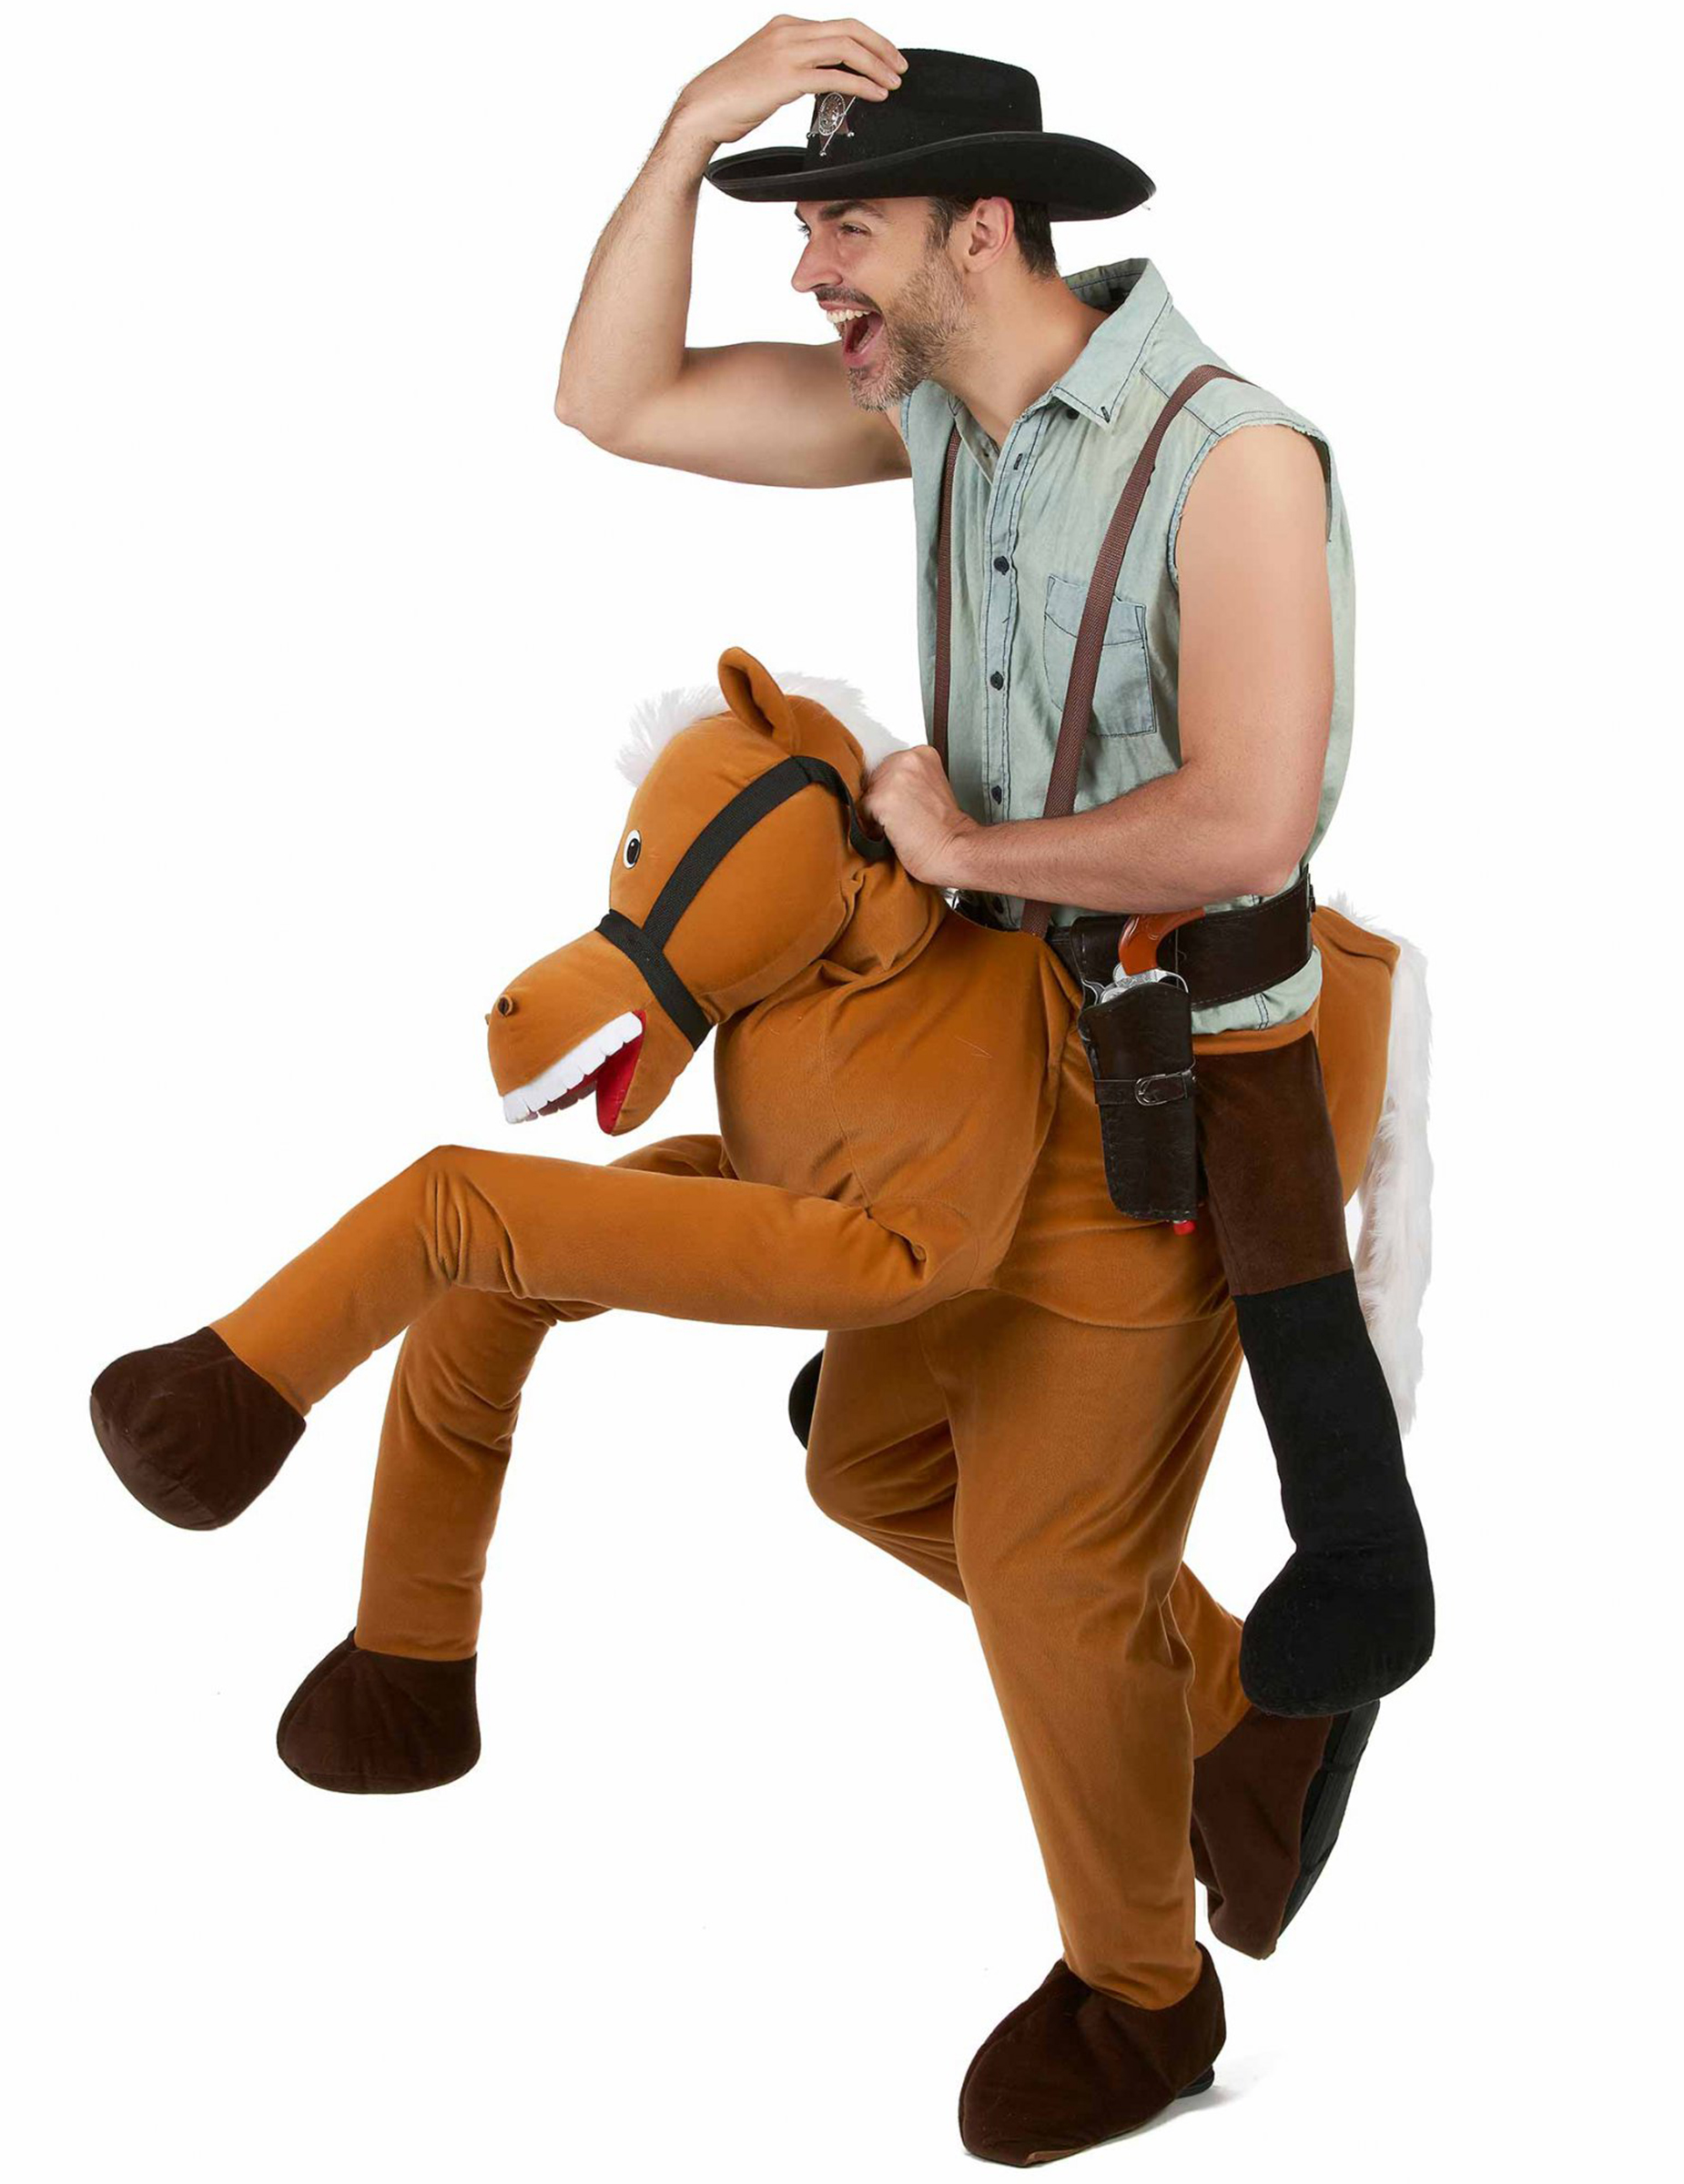 Travestimento uomo a cavallo per adulto su vegaooparty negozio di